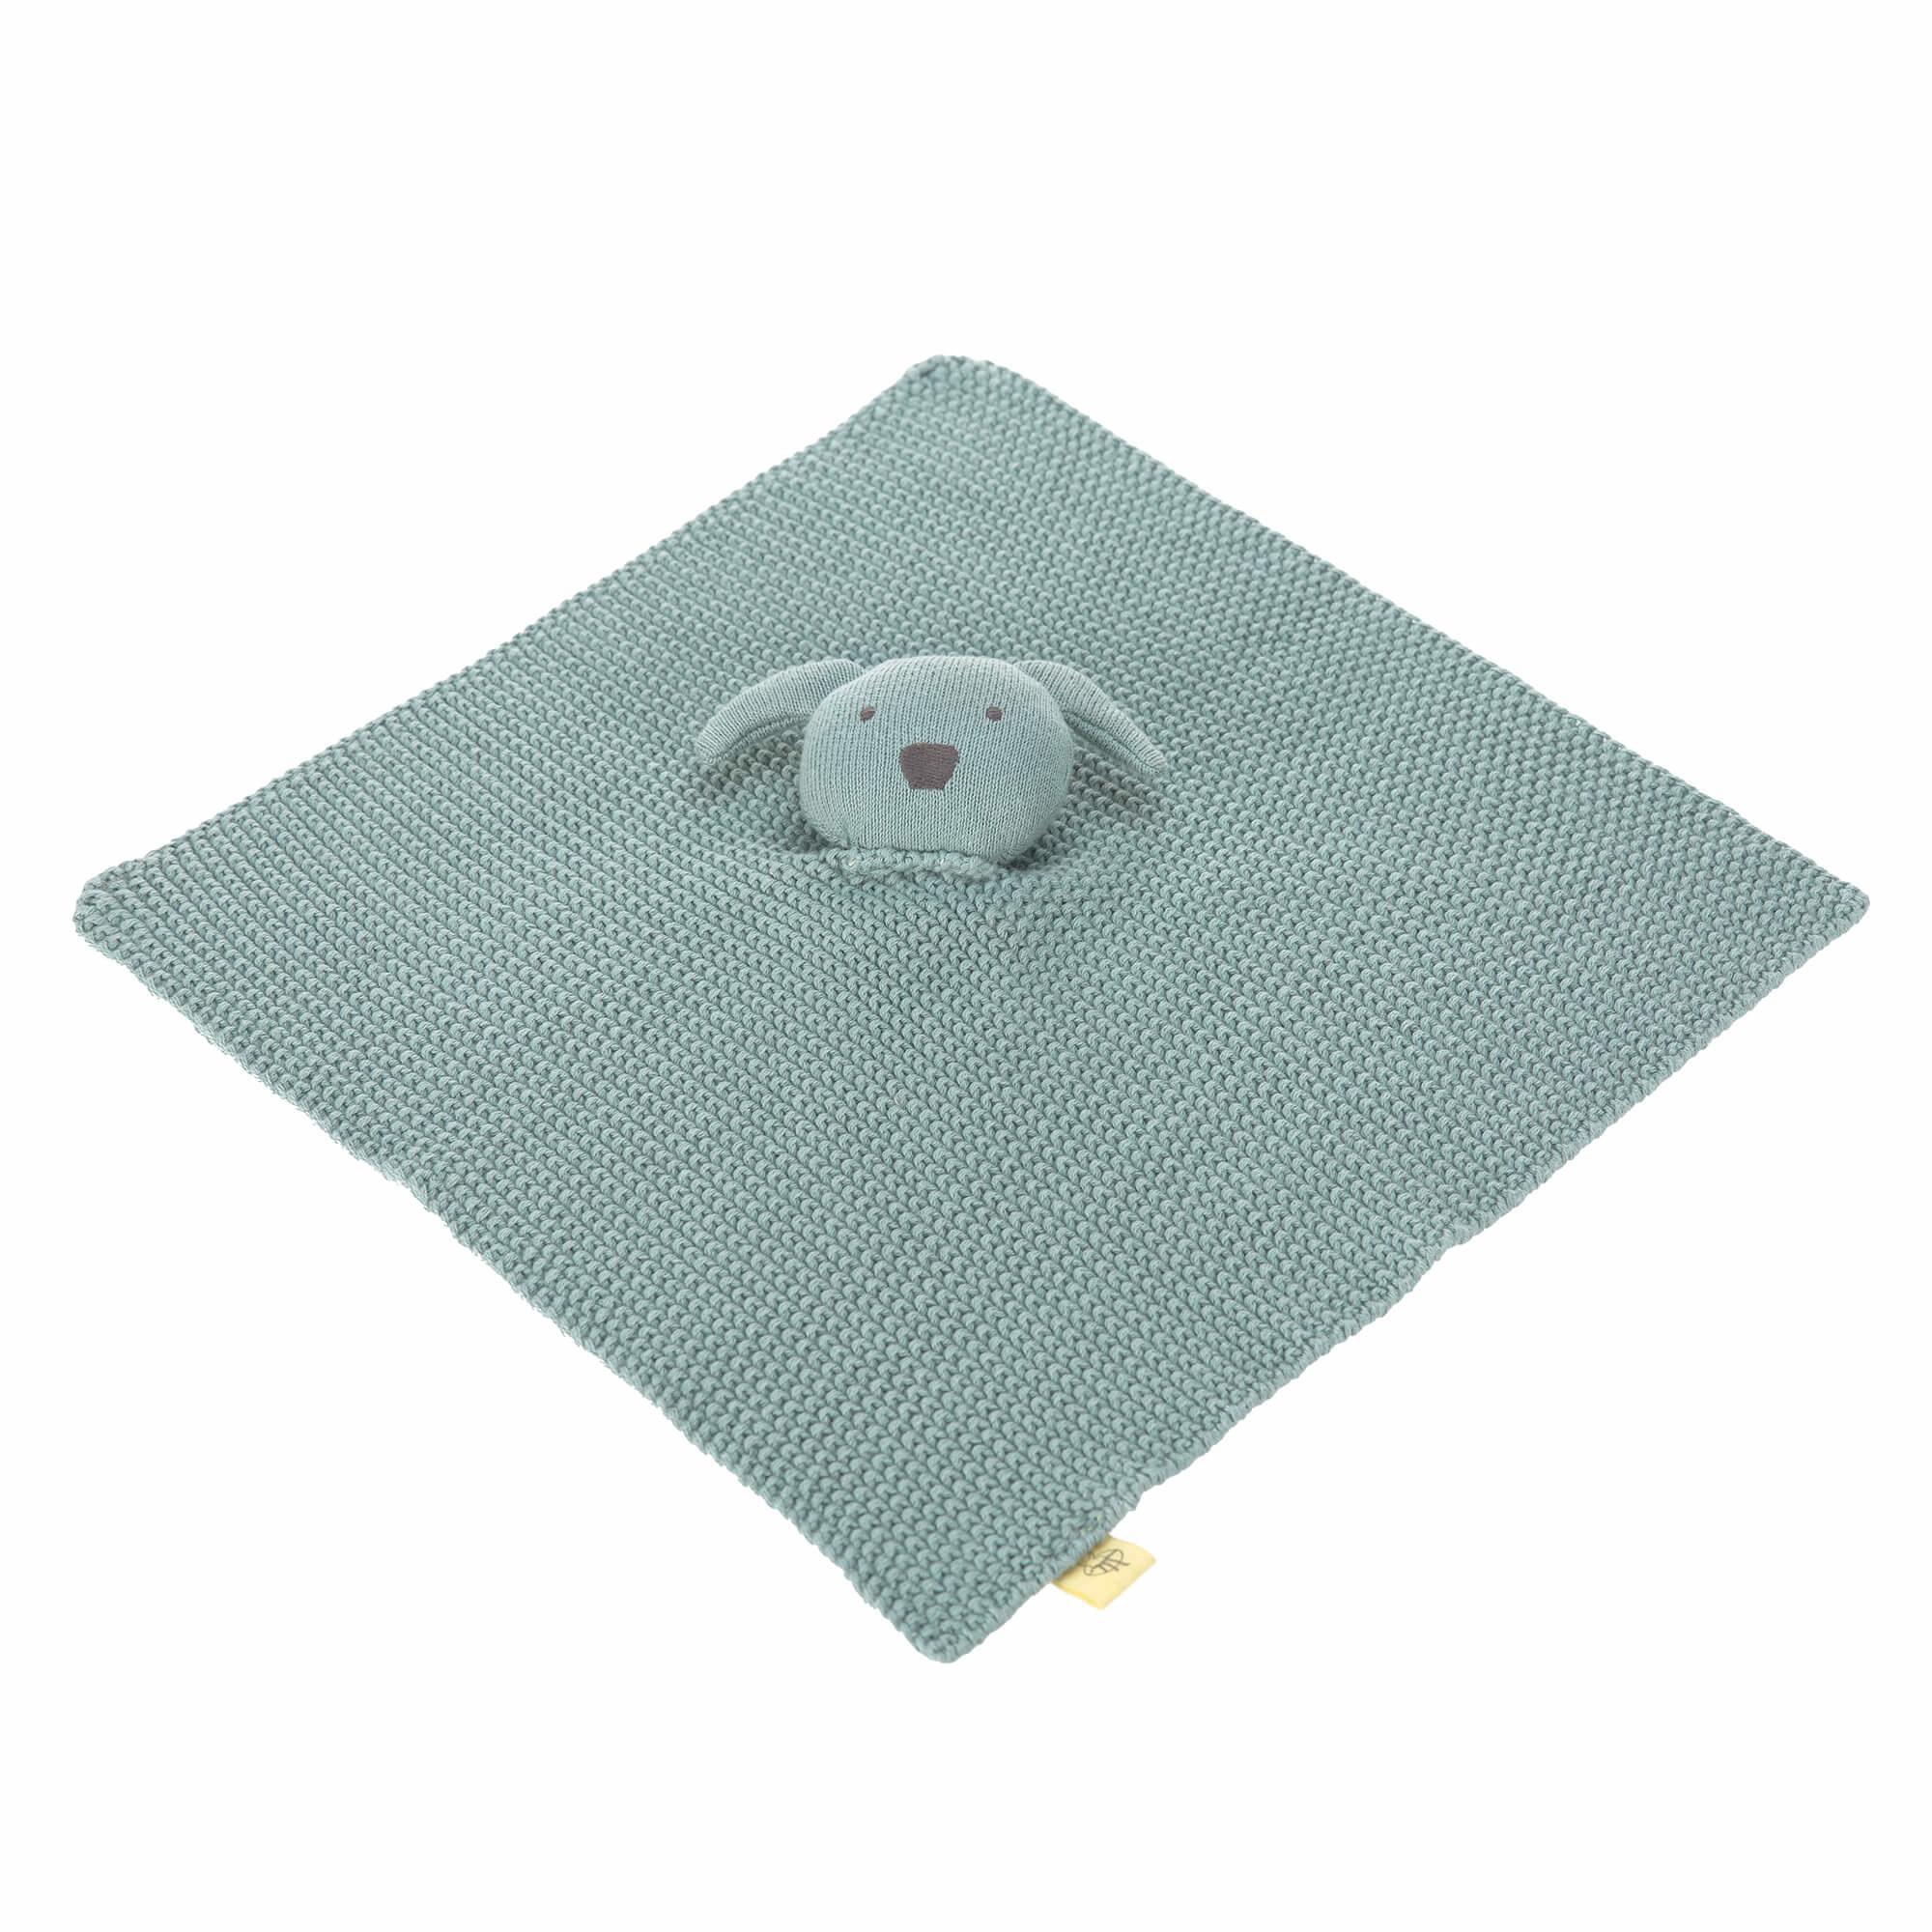 Lässig Lässig gebreide baby knuffel 100% organic cotton, Little Chums dog